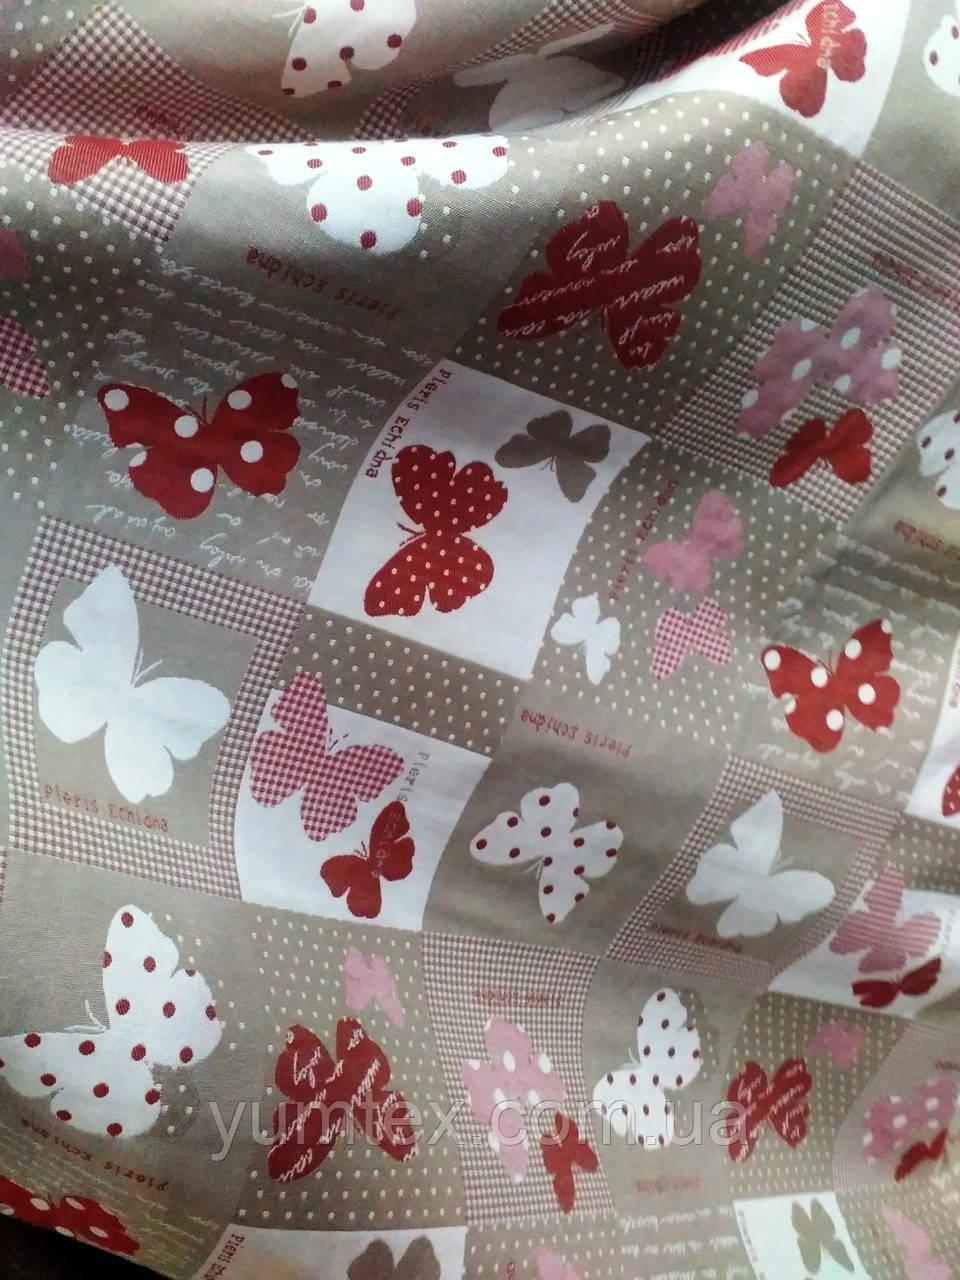 Ткань декративная красные и белые бабочки, фон капучино